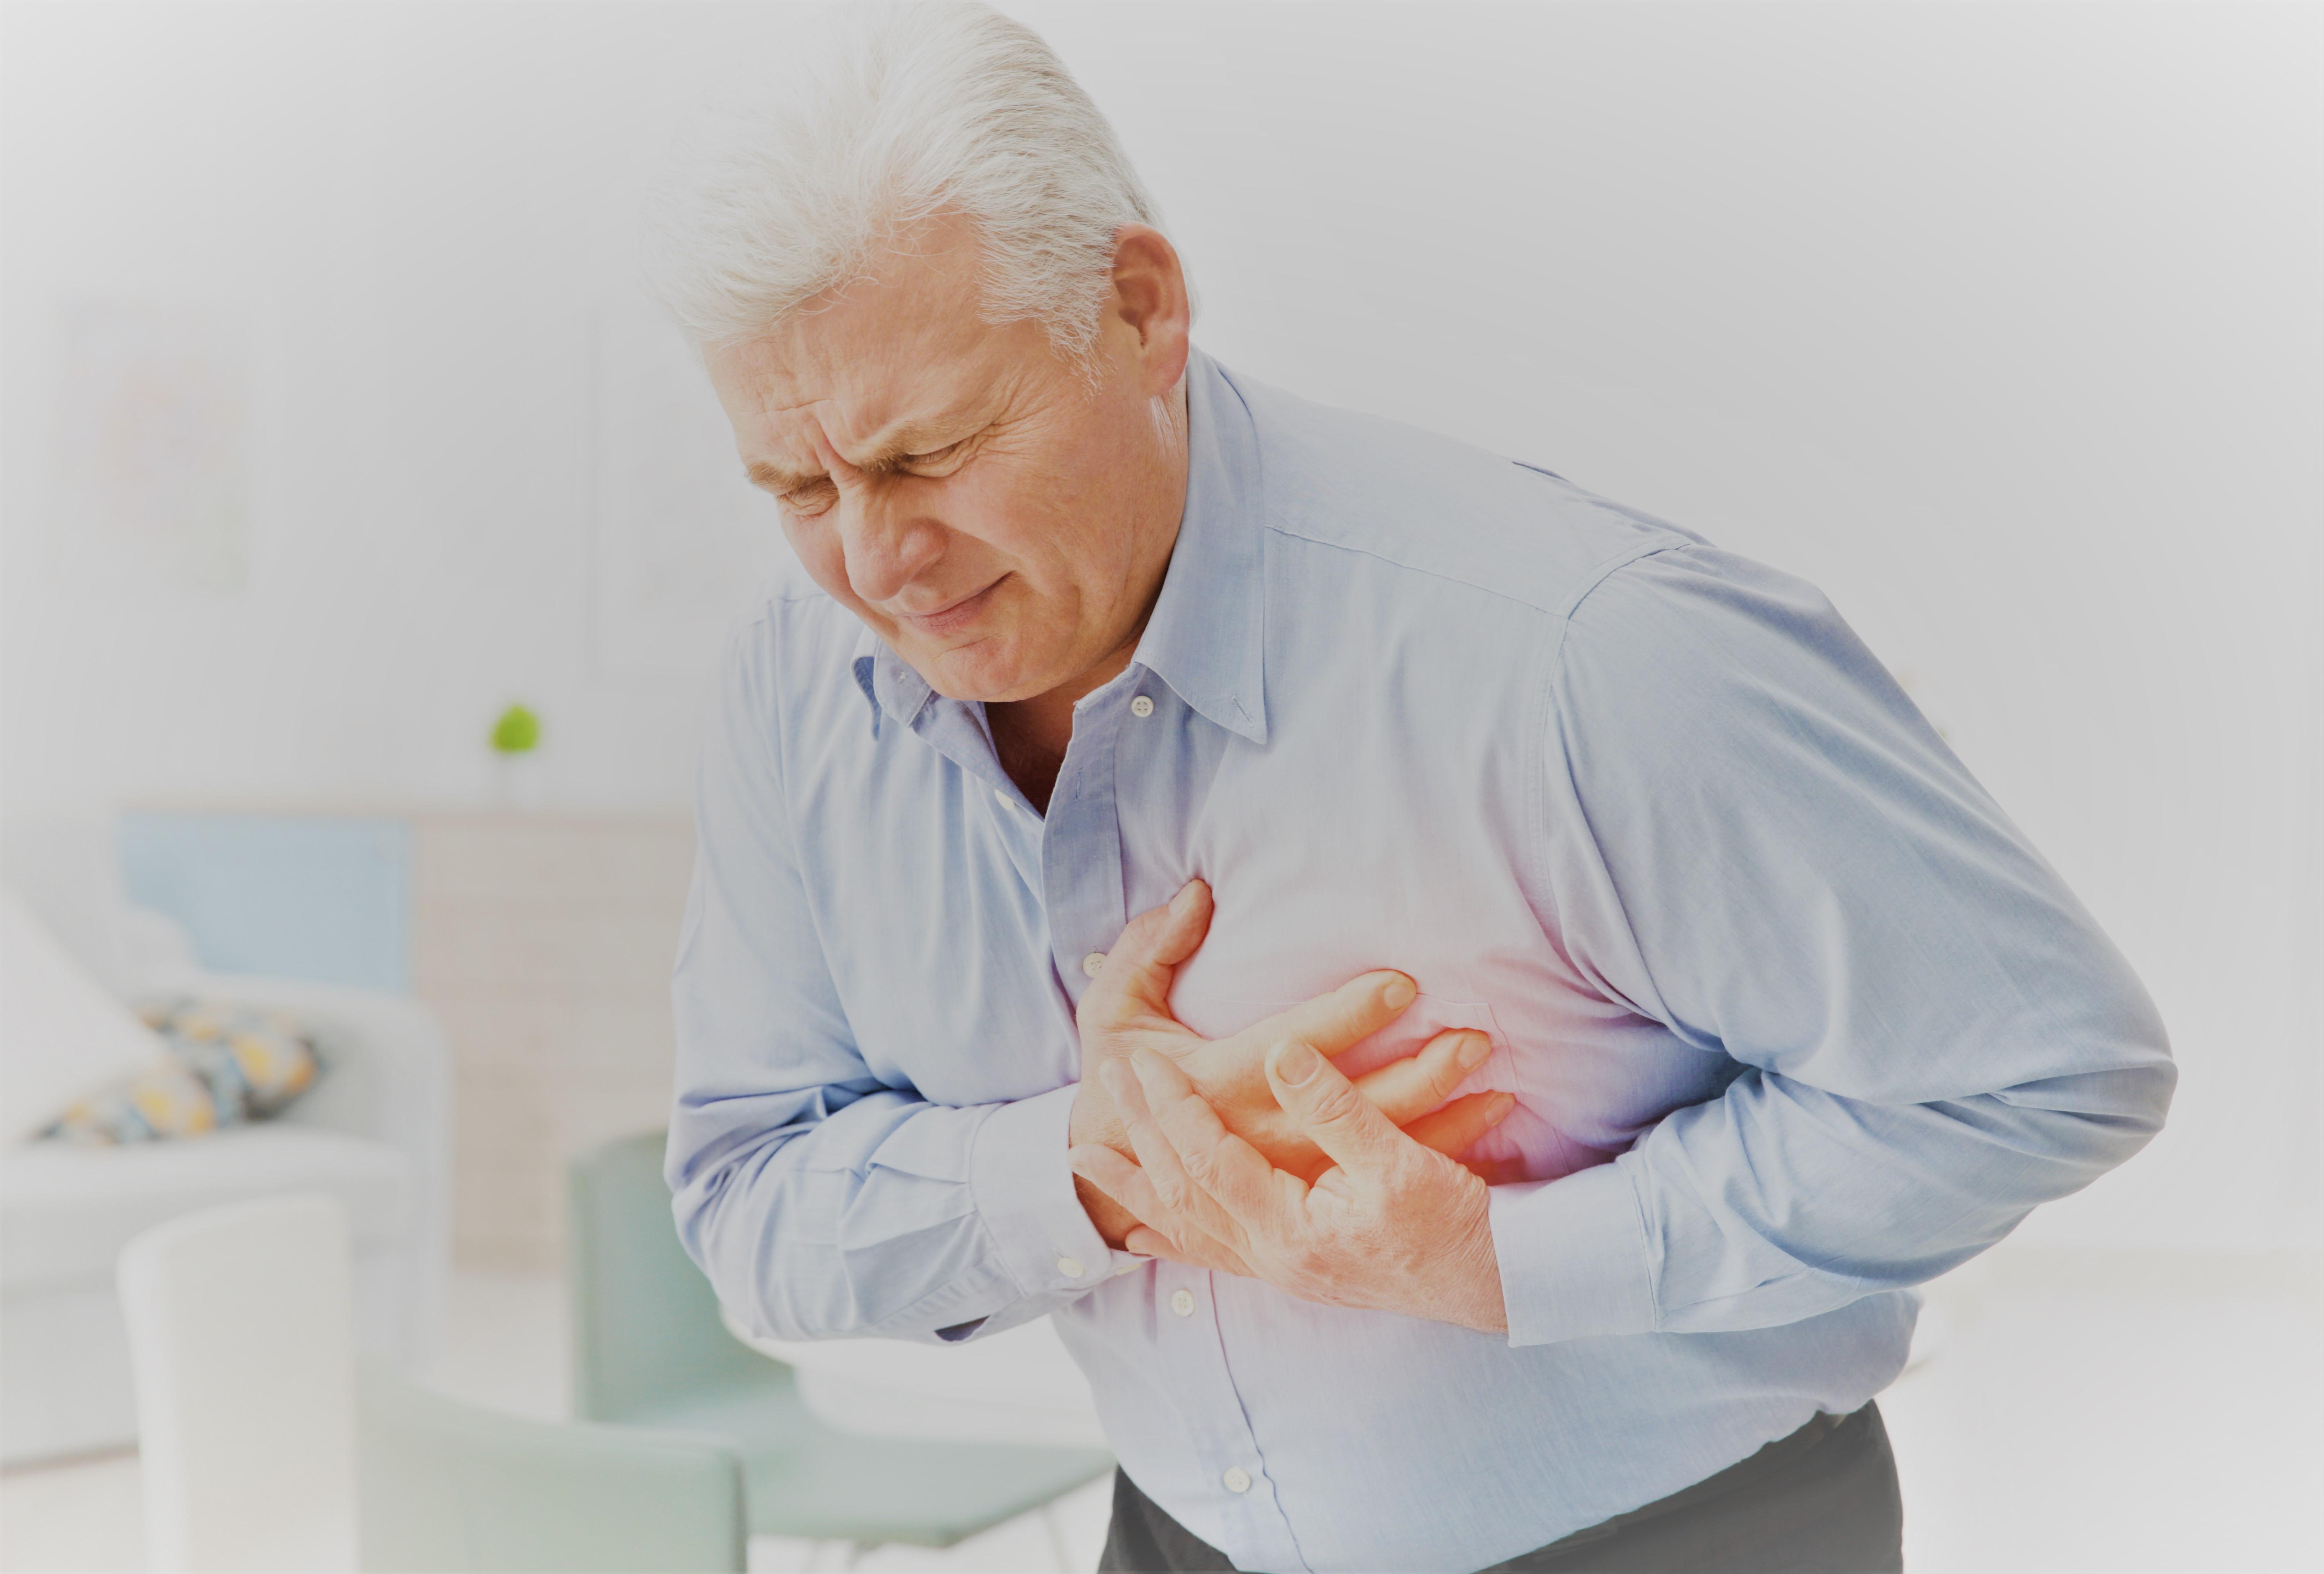 az alkarízület fájdalmának kezelése